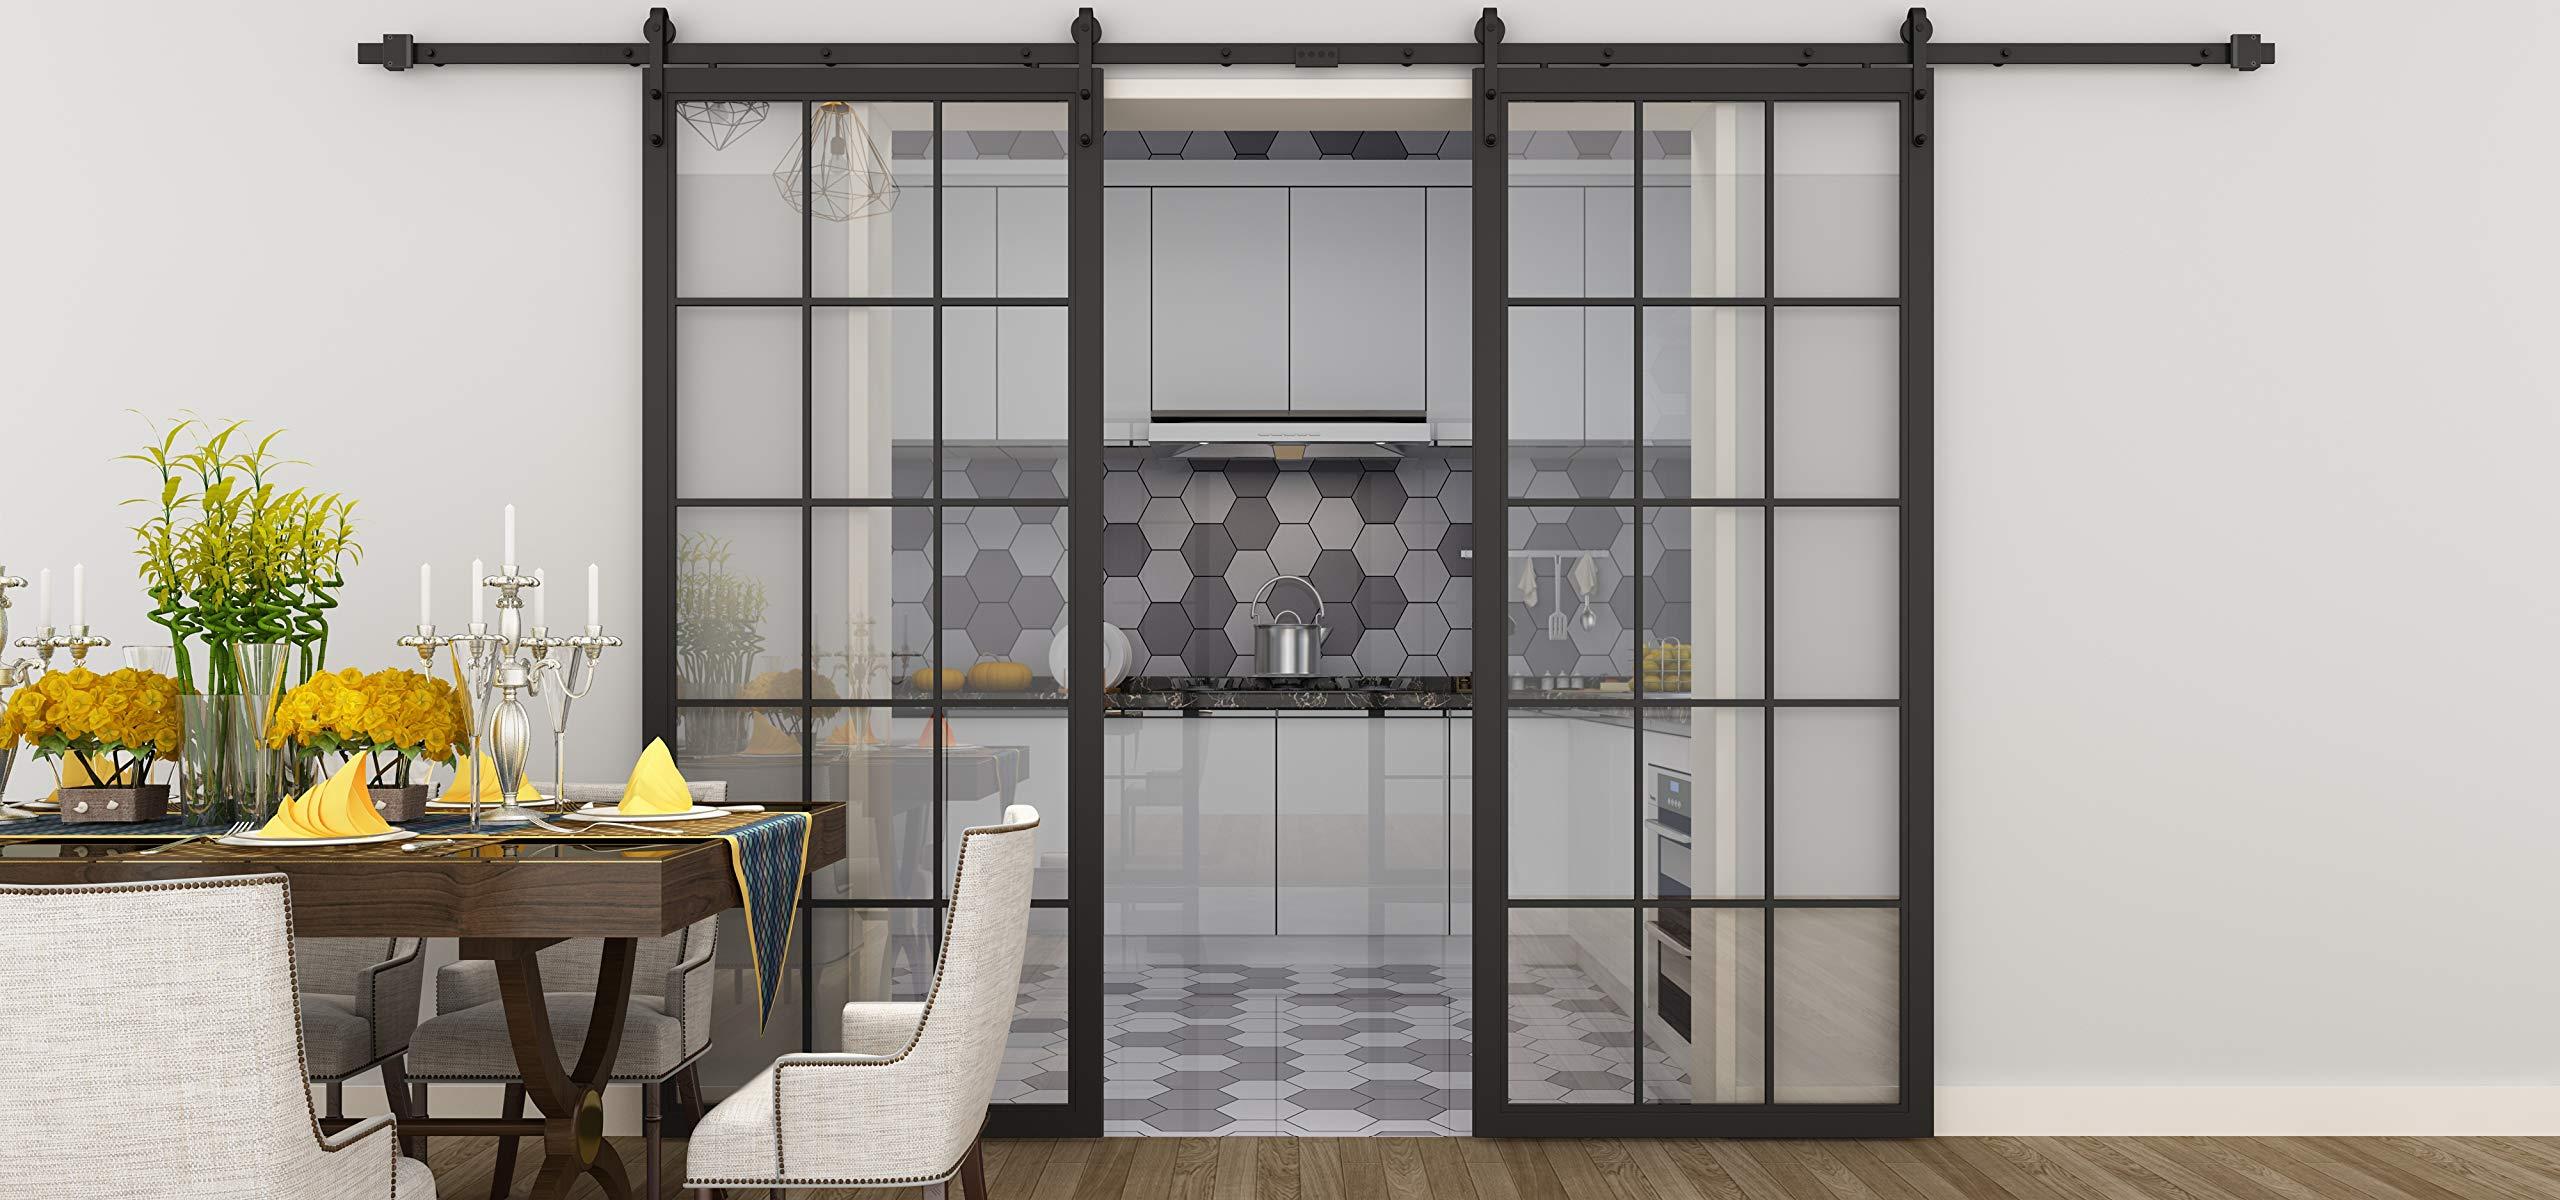 DIYHD - Puerta corredera de cristal con marco negro de 30 x 84 pulgadas: Amazon.es: Bricolaje y herramientas